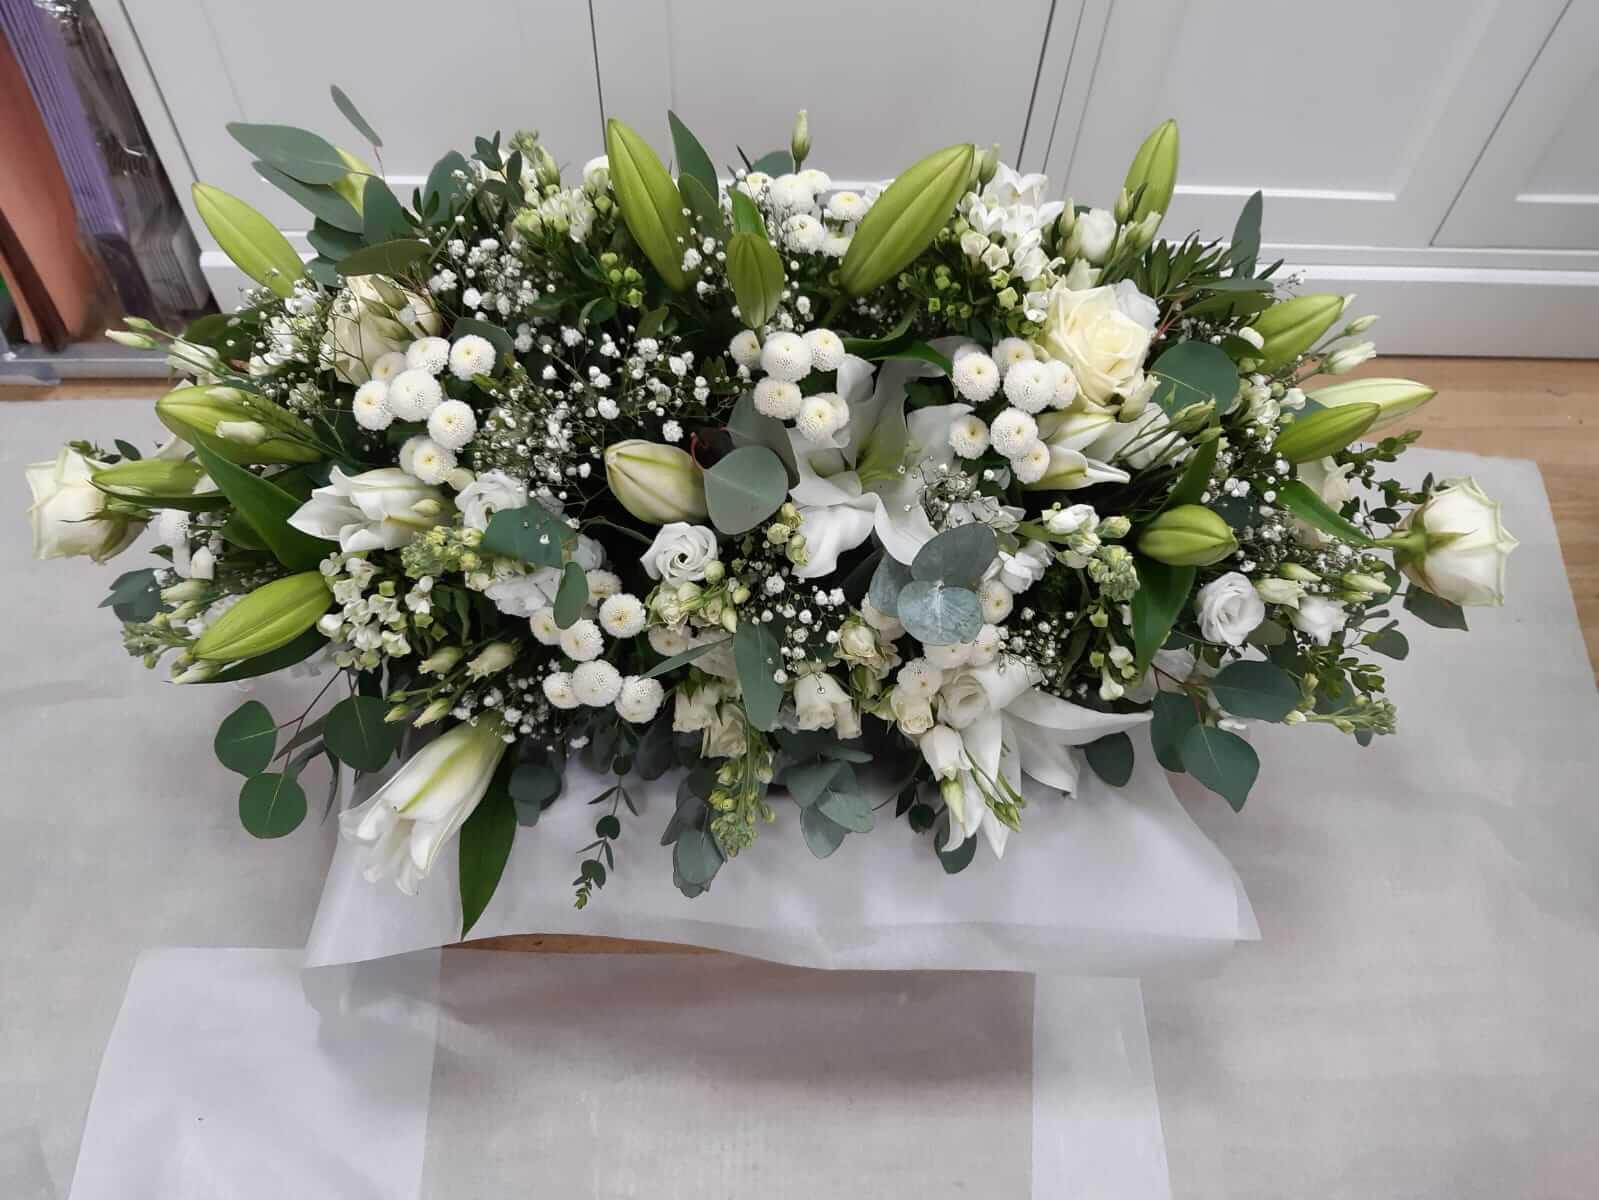 Funeral double end casket